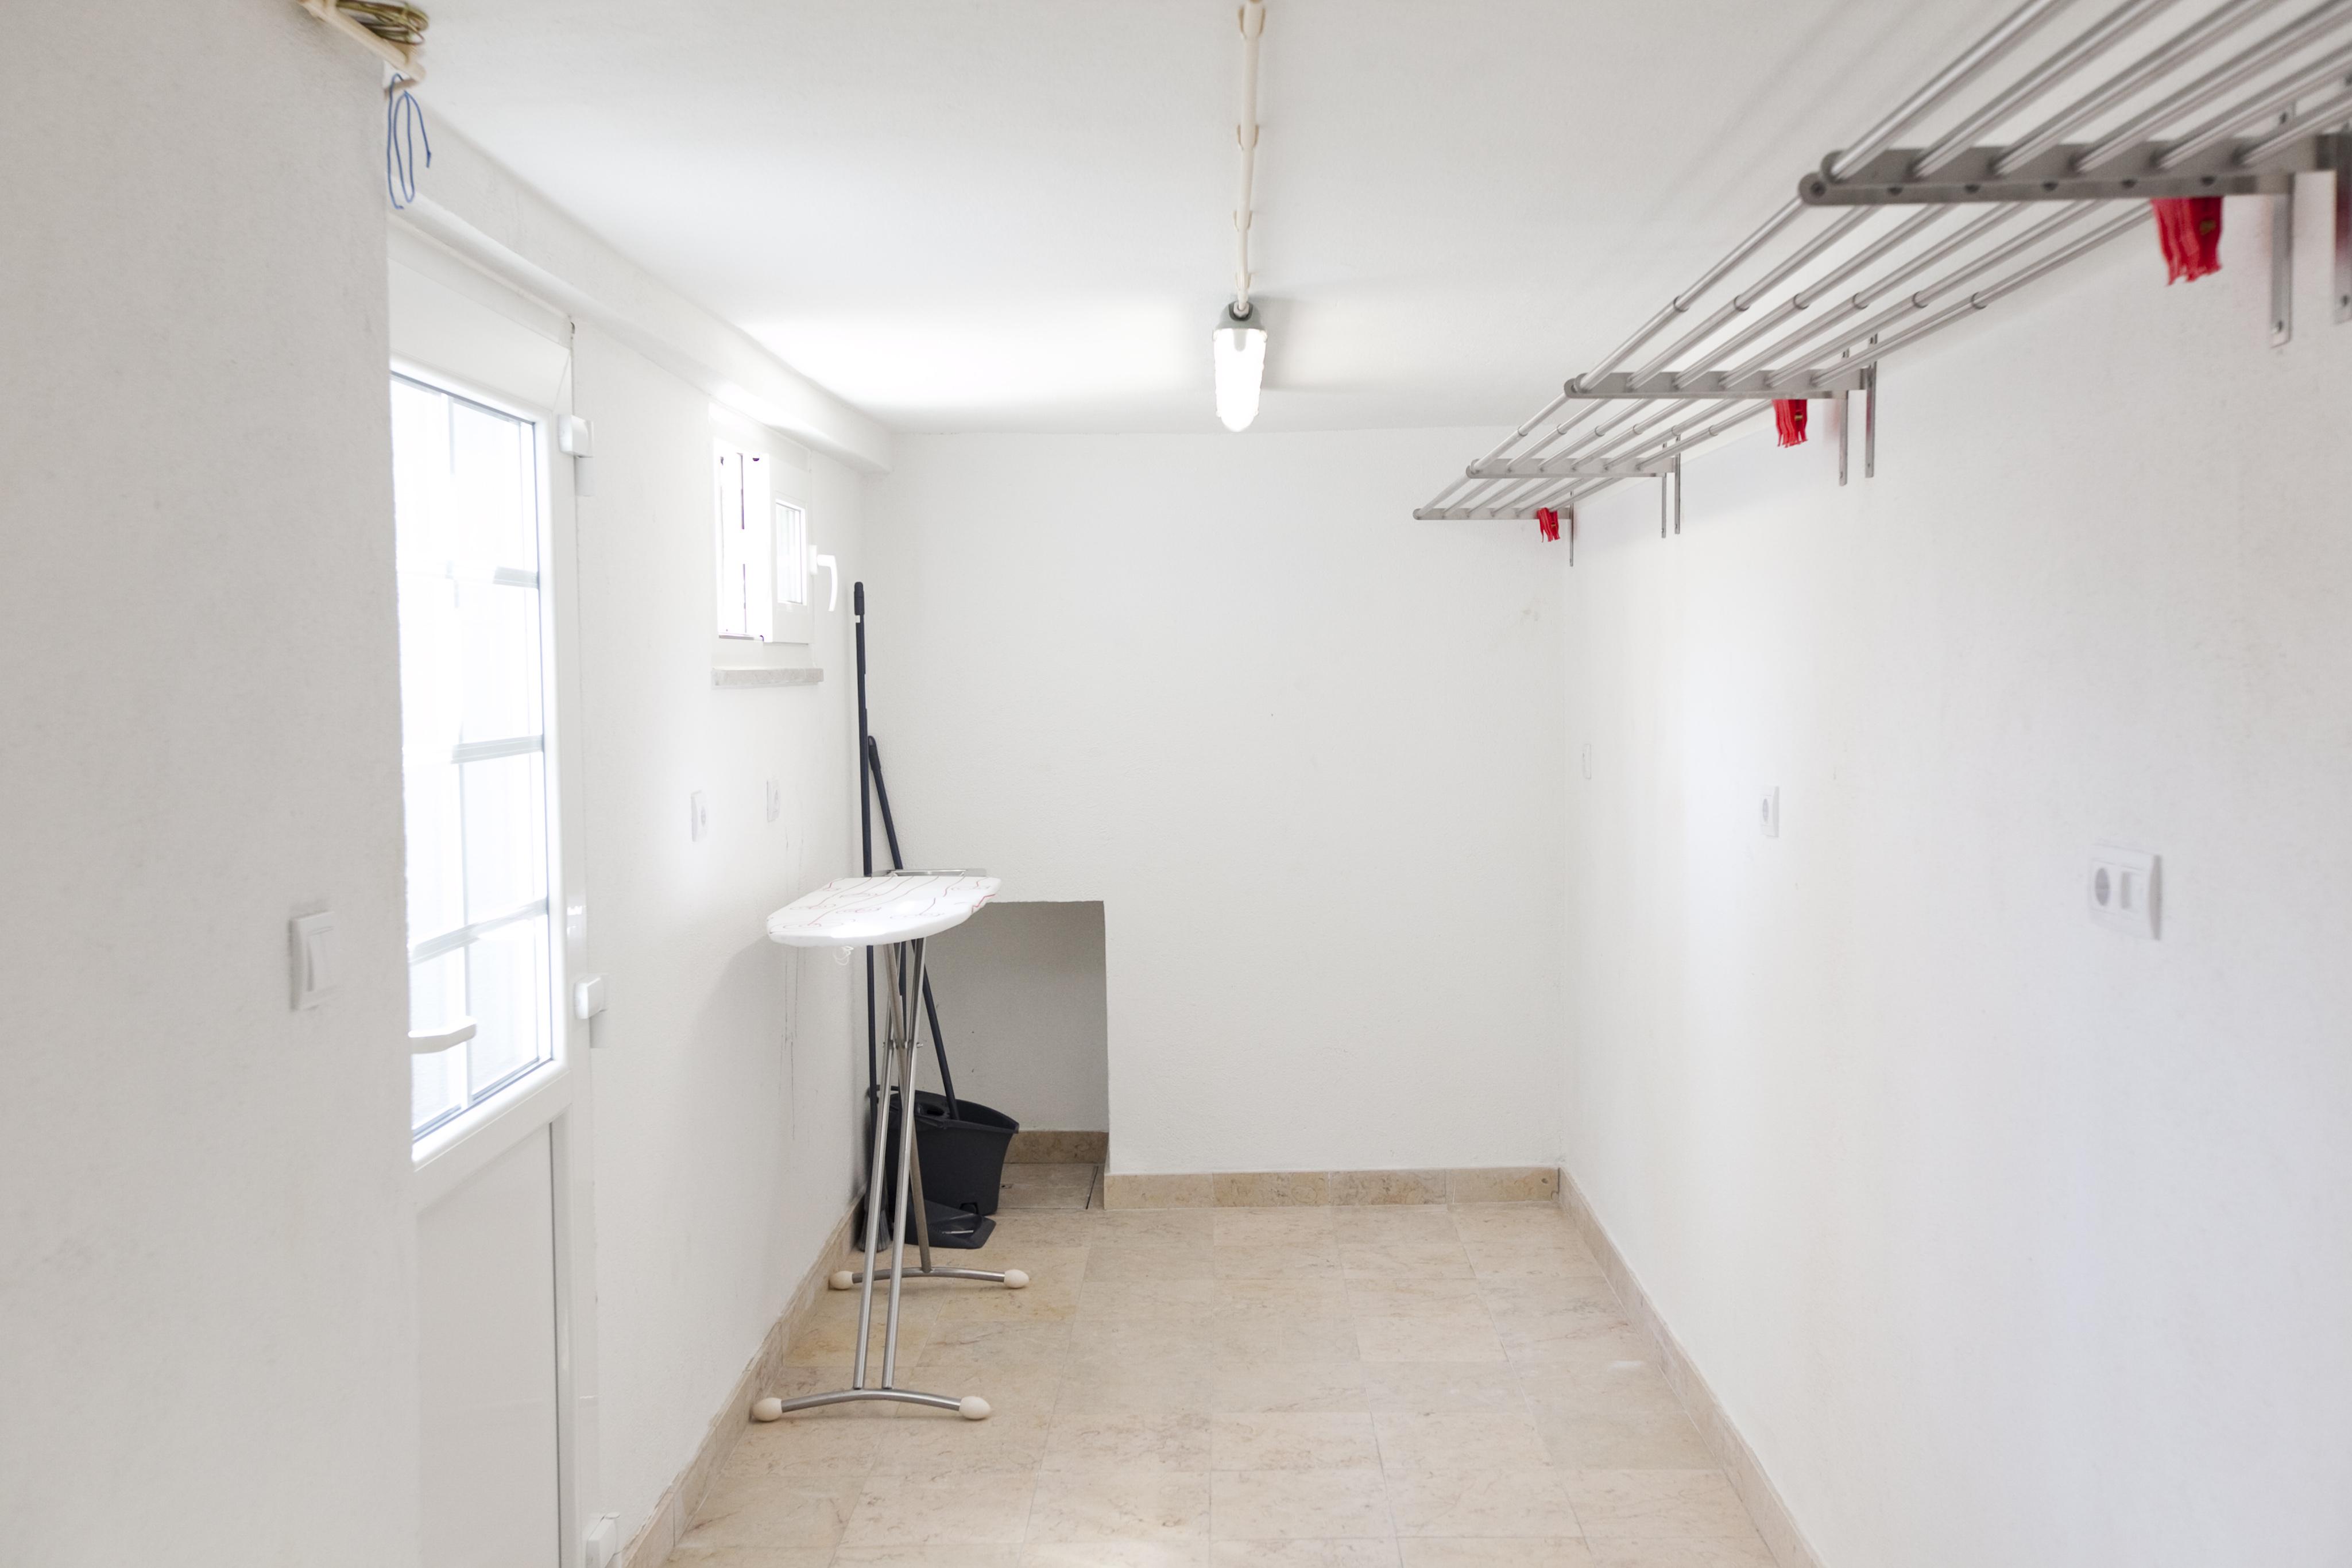 TE - Lavandaria.Laundry Area - Foto 2.JPG